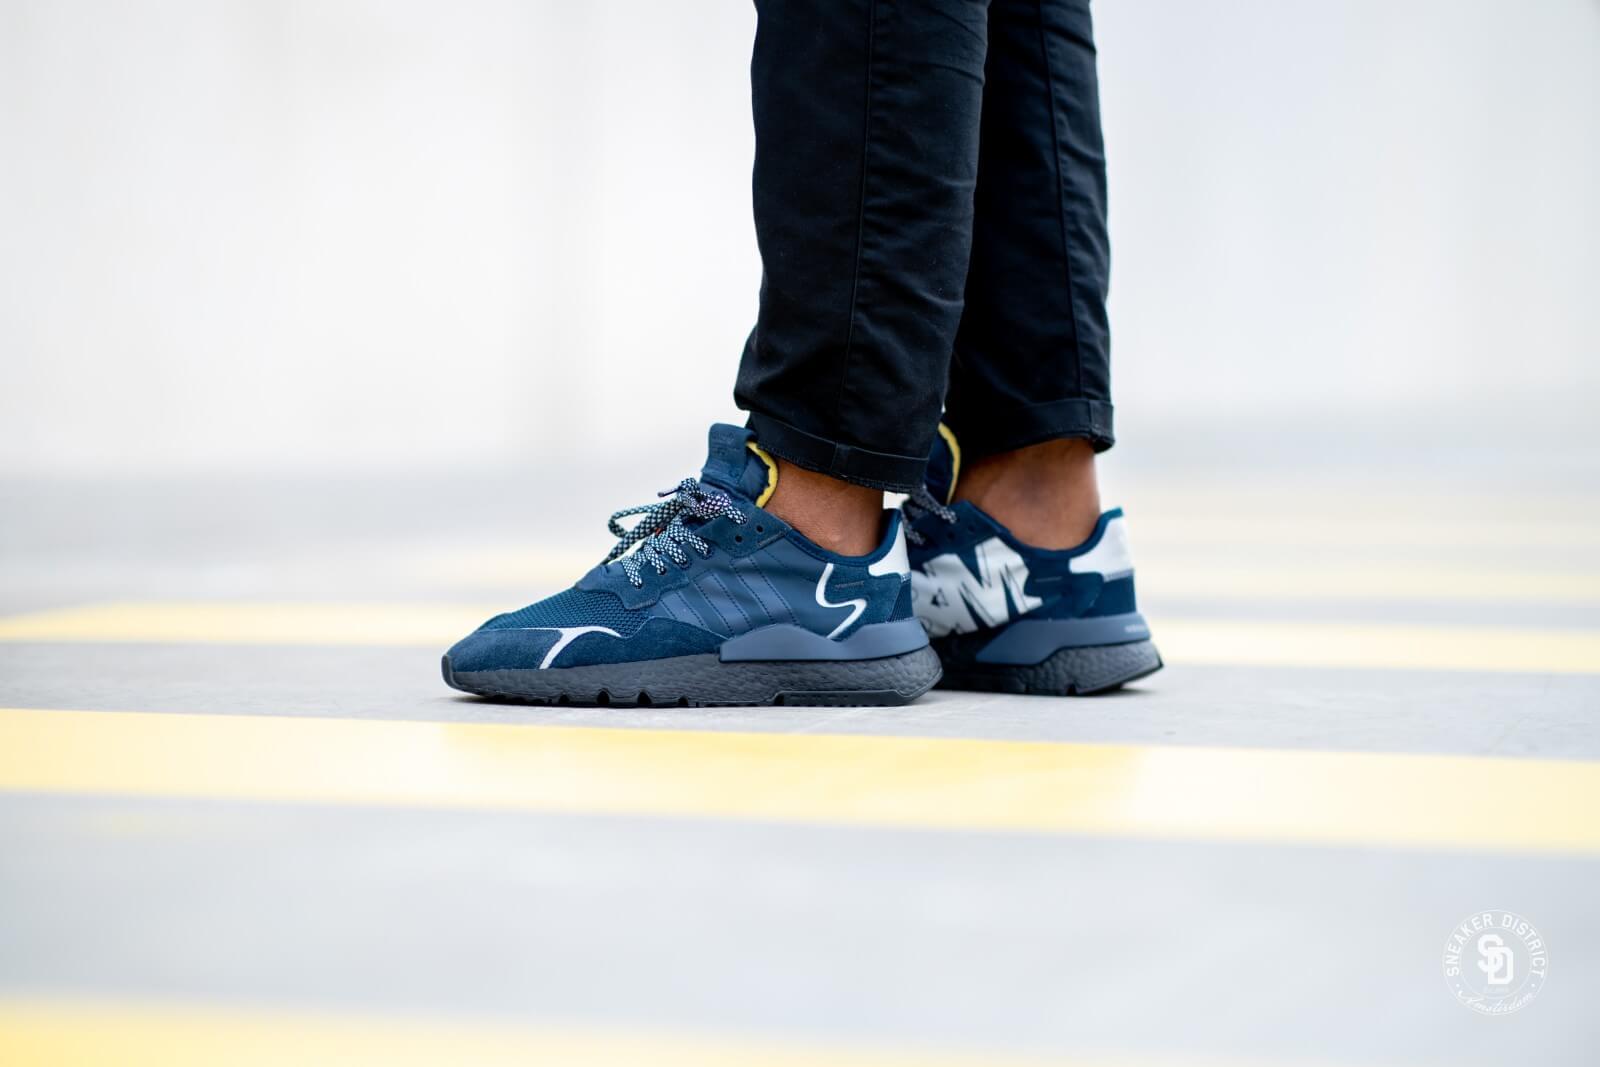 Adidas Nite Jogger 3M Collegiate Navy